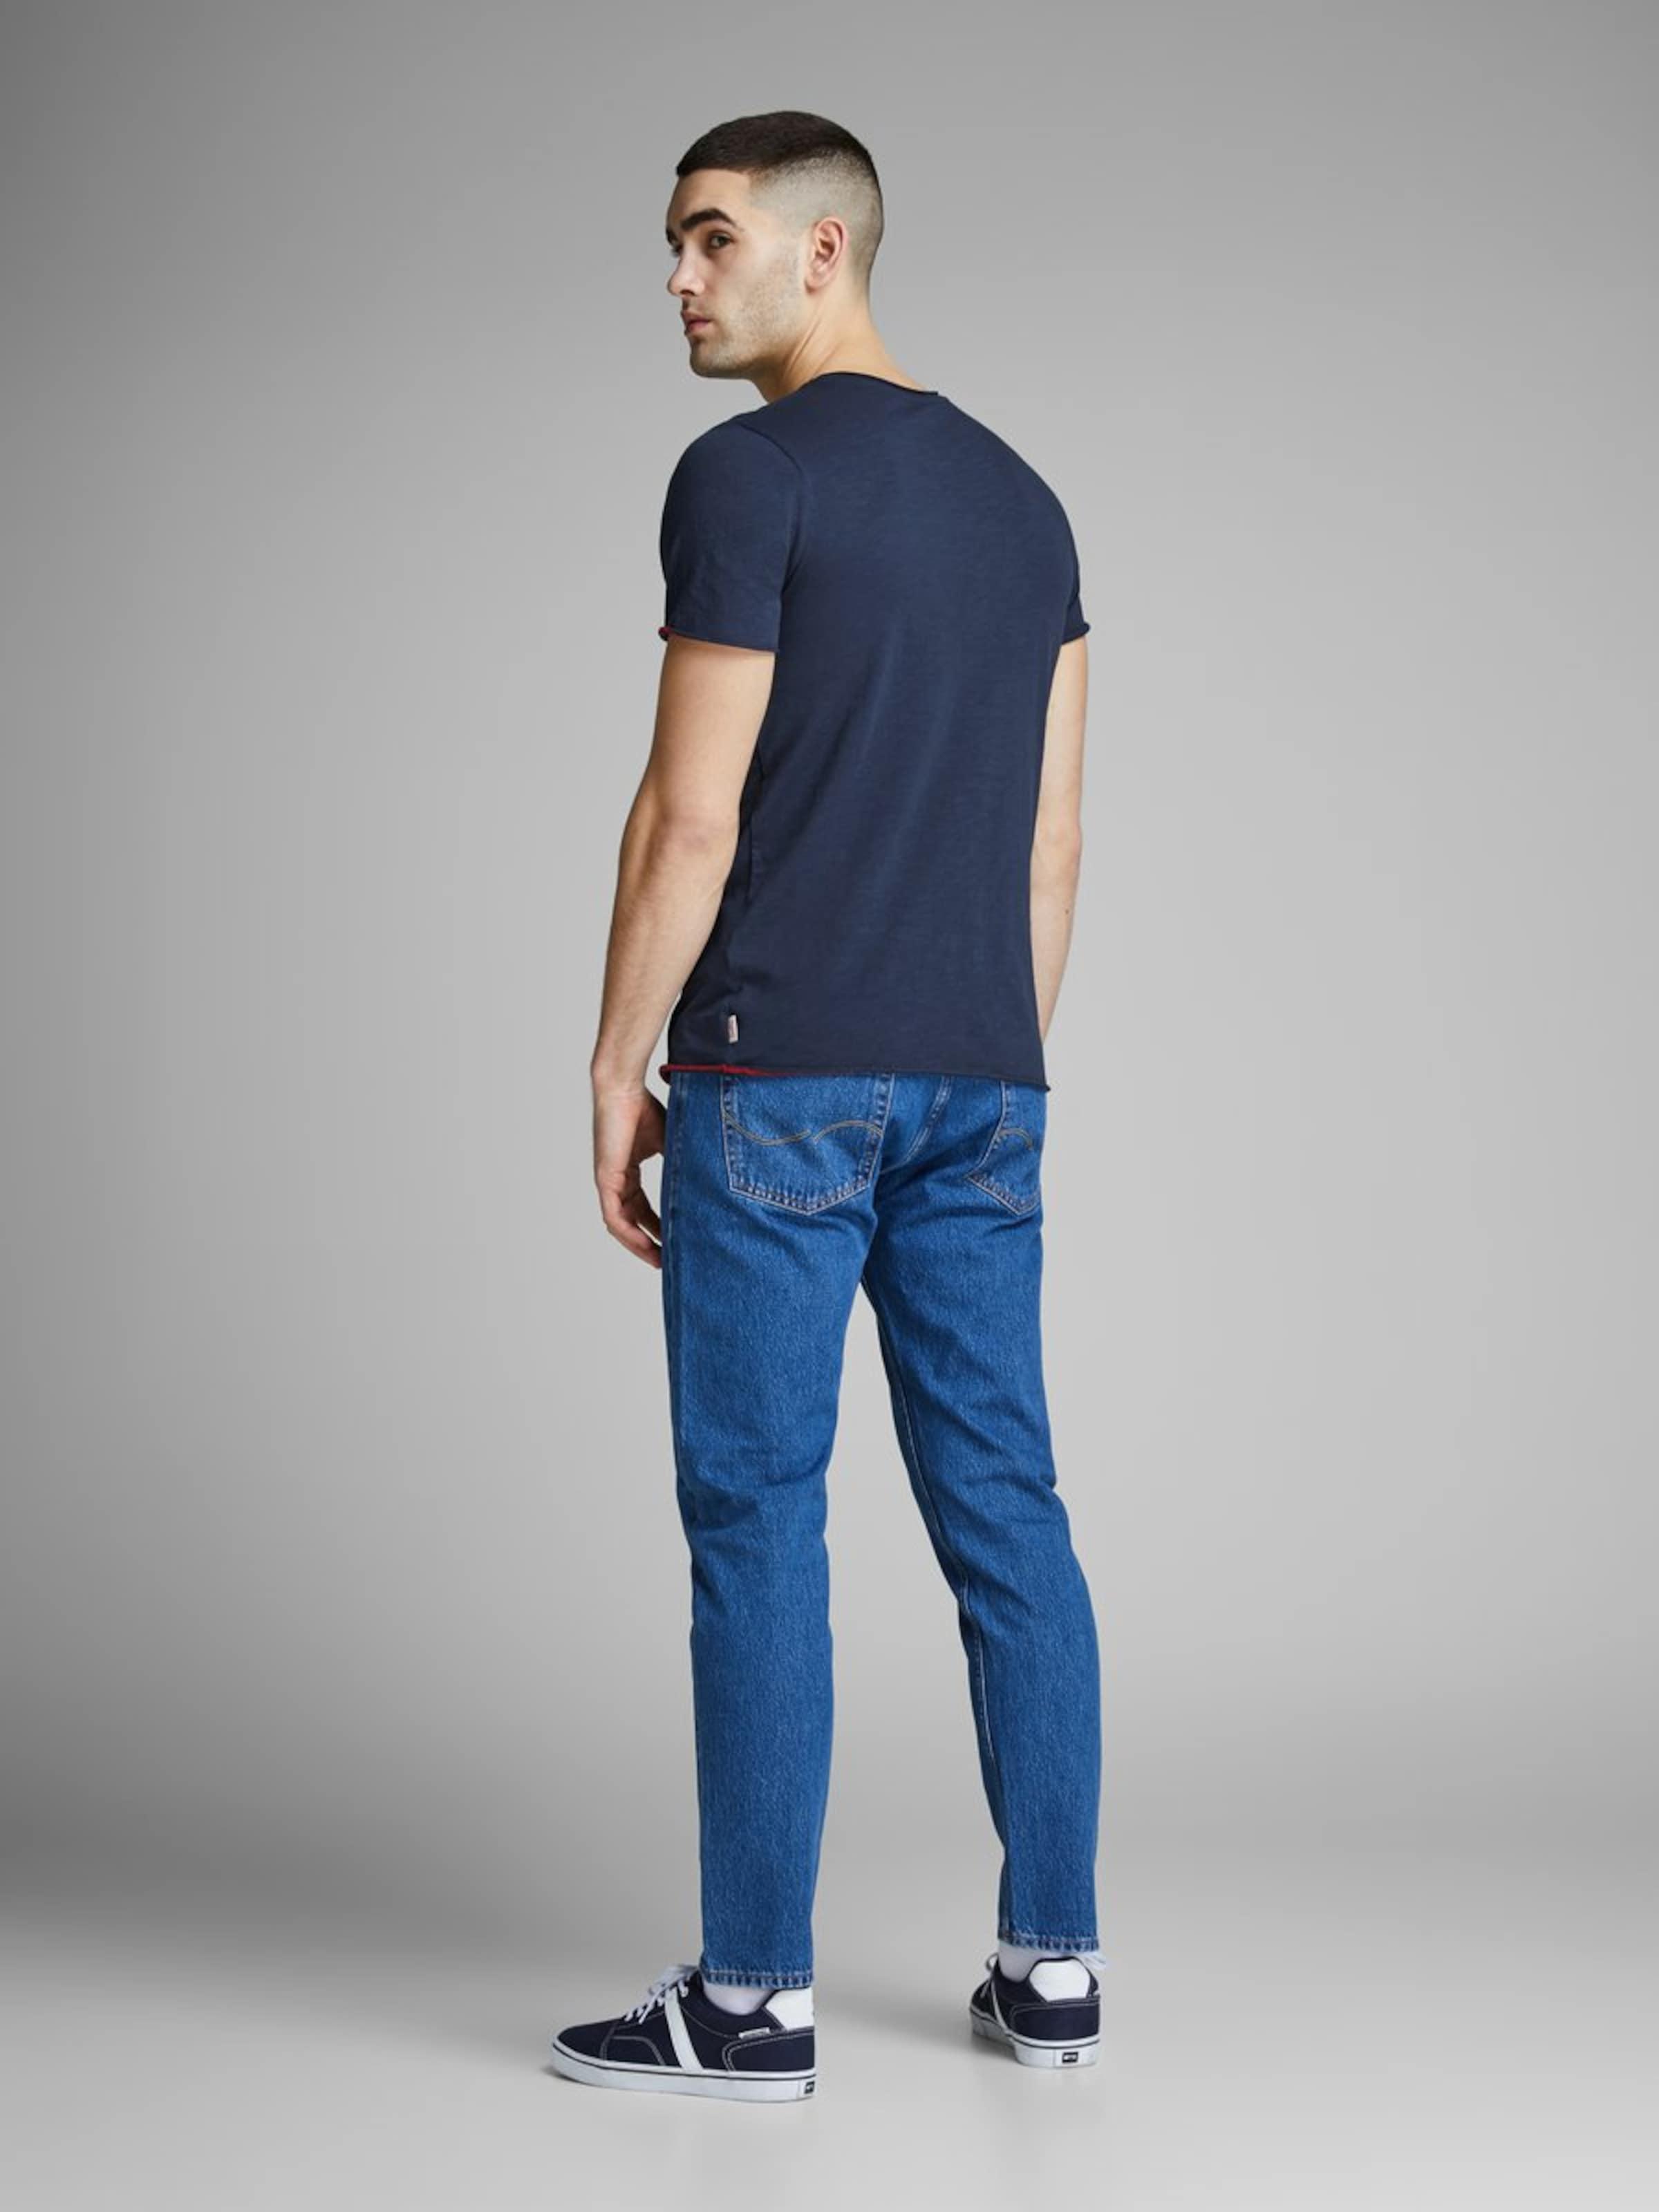 Jackamp; T NuitGris En Bleu shirt Jones Menthe wXN8nOkP0Z